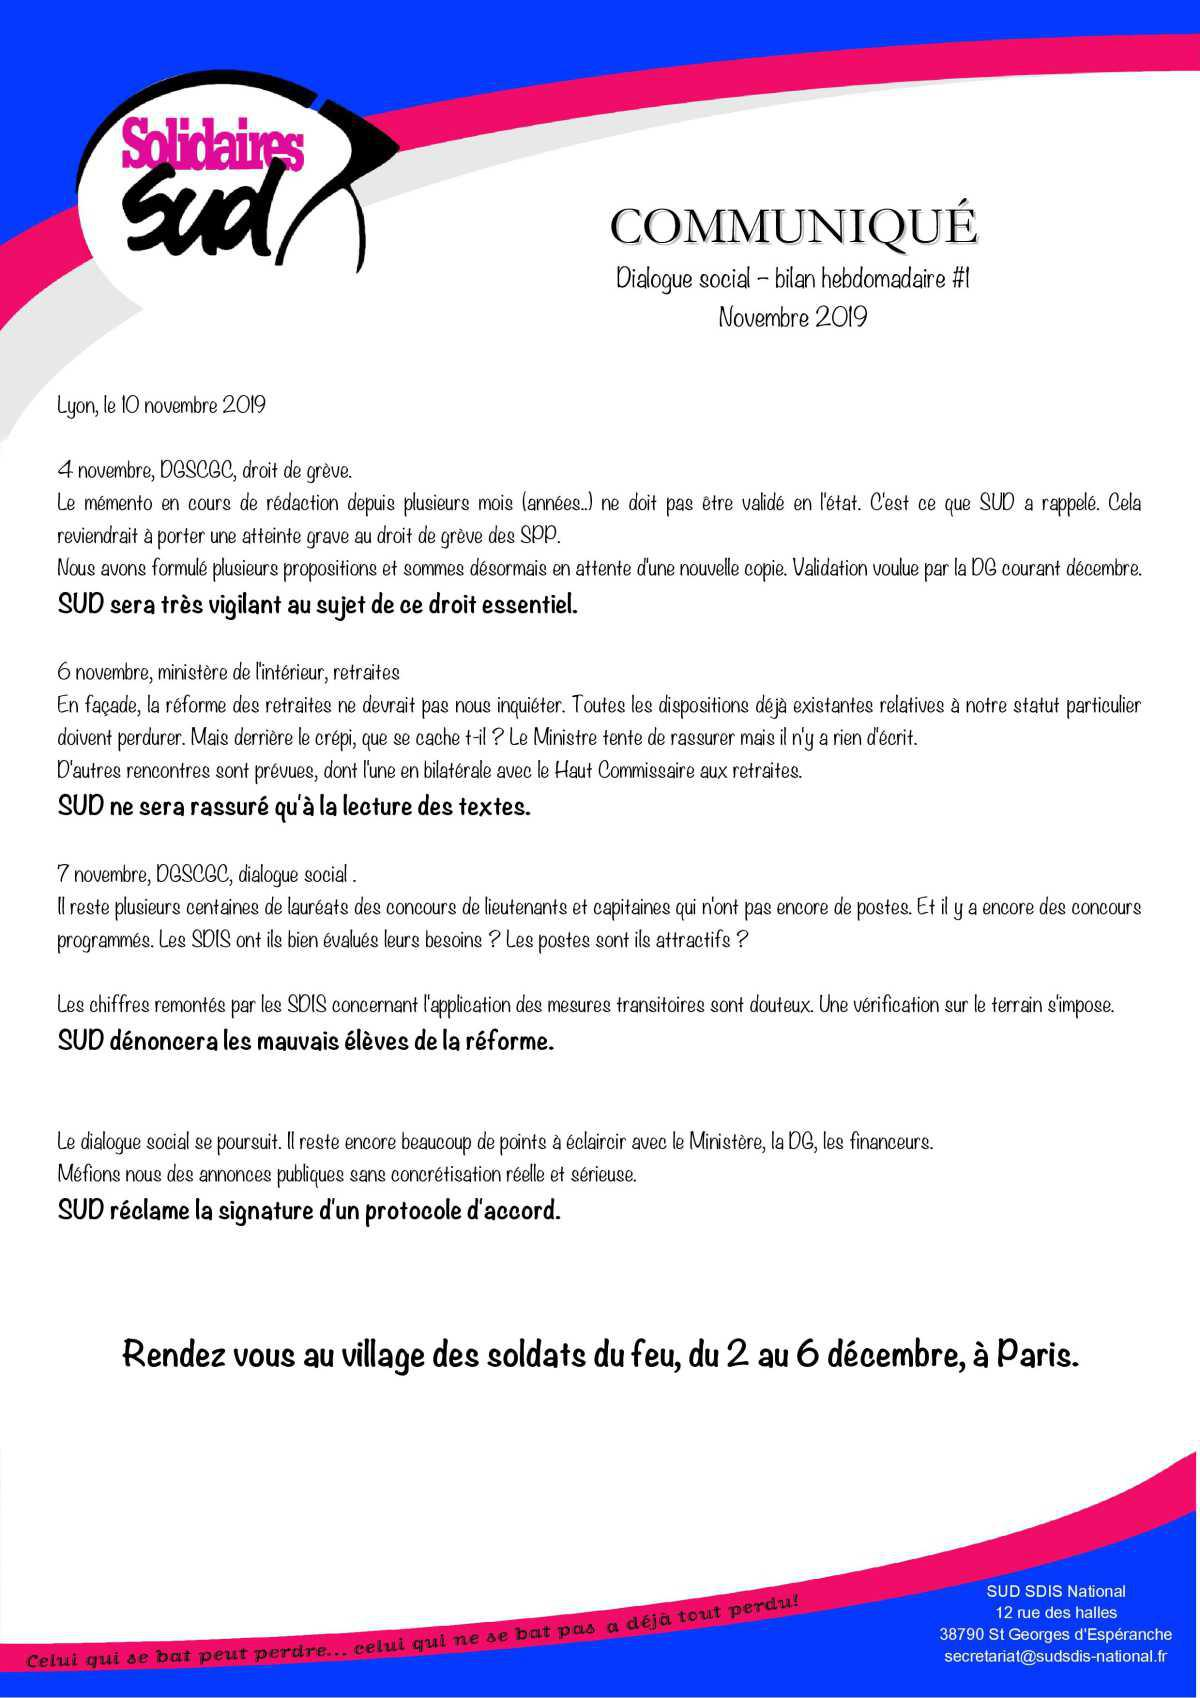 Dialogue social - bilan hebdomadaire #1